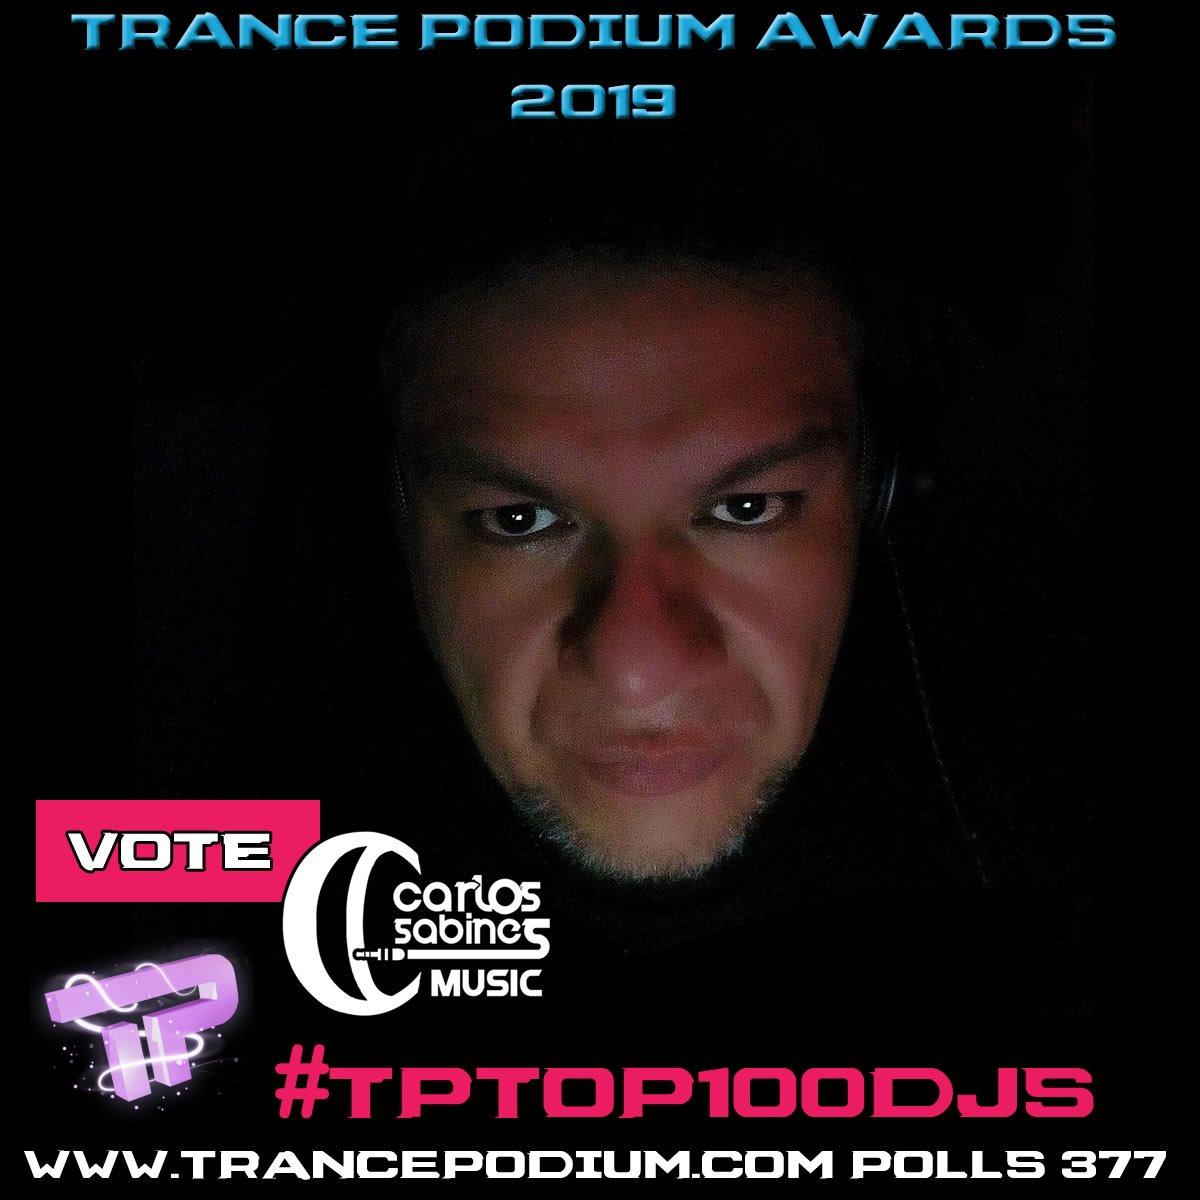 No se les olvide votar por mí ¡¡Por favor!!  ➡️ http://www.trancepodium.com/polls/377 #TPTOP100DJS #Gracias #Thankyou  #TrancePodium #TranceFamily #Trance #RT #DJLife #CarlosSabines